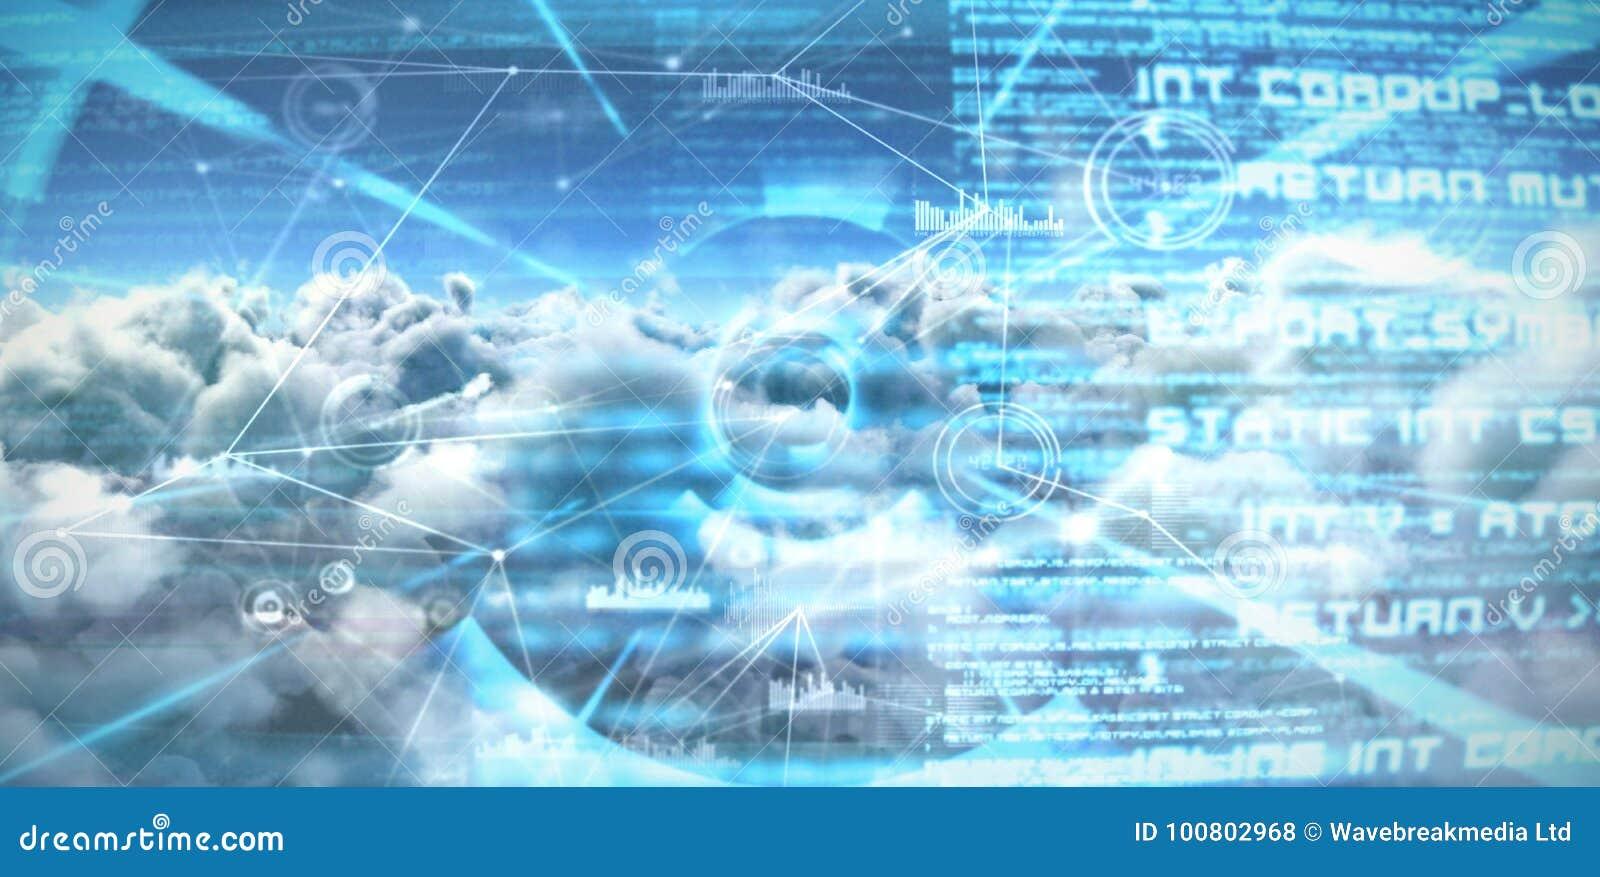 Imagen compuesta de la imagen compuesta de las líneas de conexión del interfaz sobre las nubes